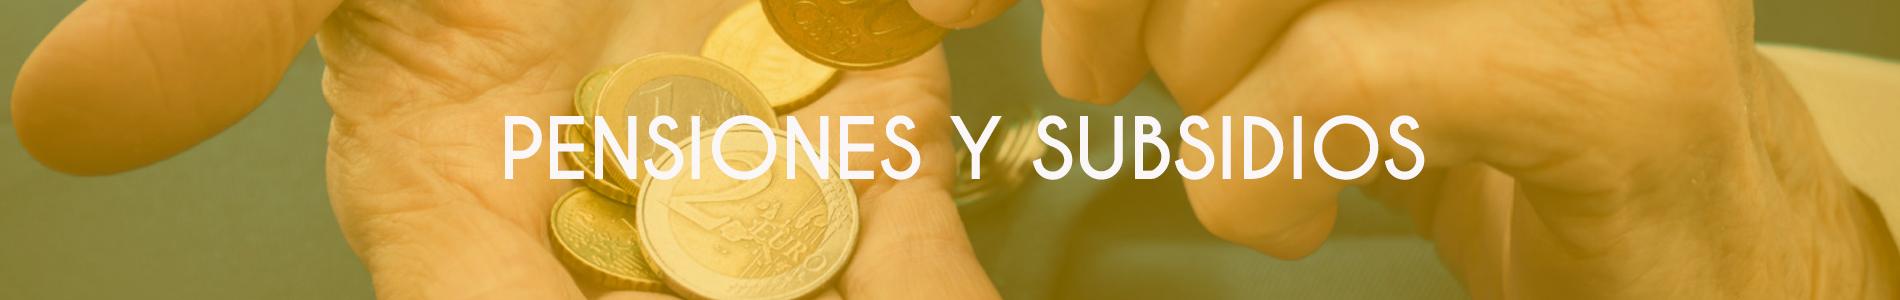 banner-pensiones-subsidios1900x300